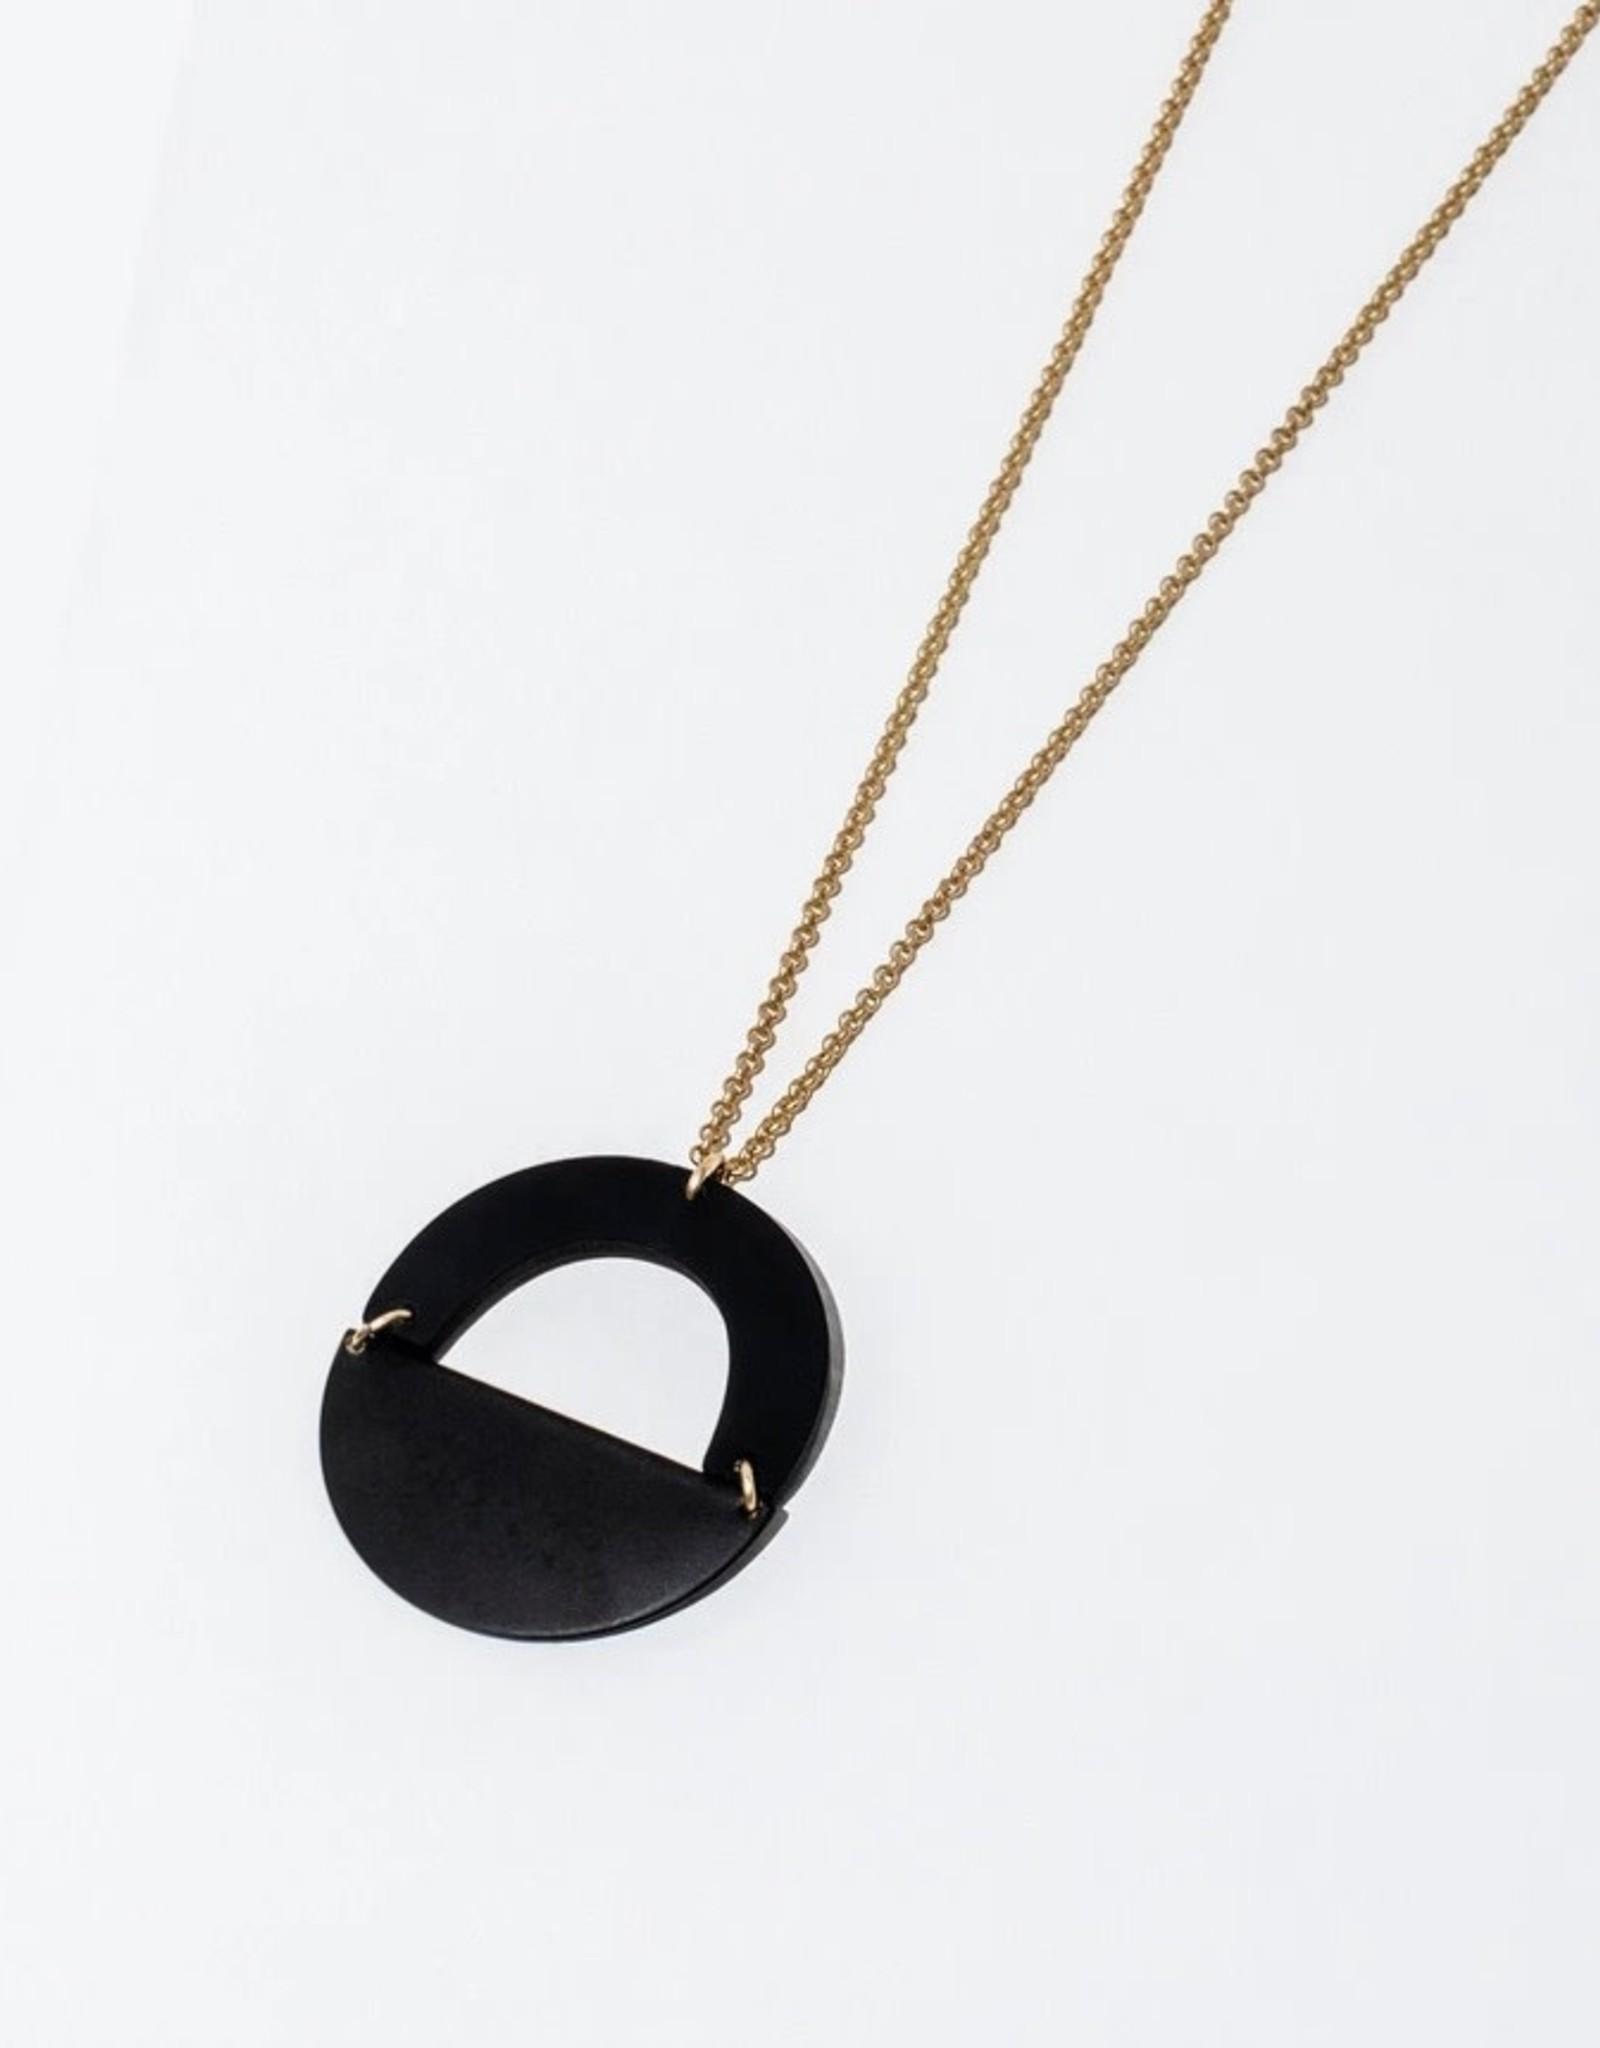 Black Circular Pendant